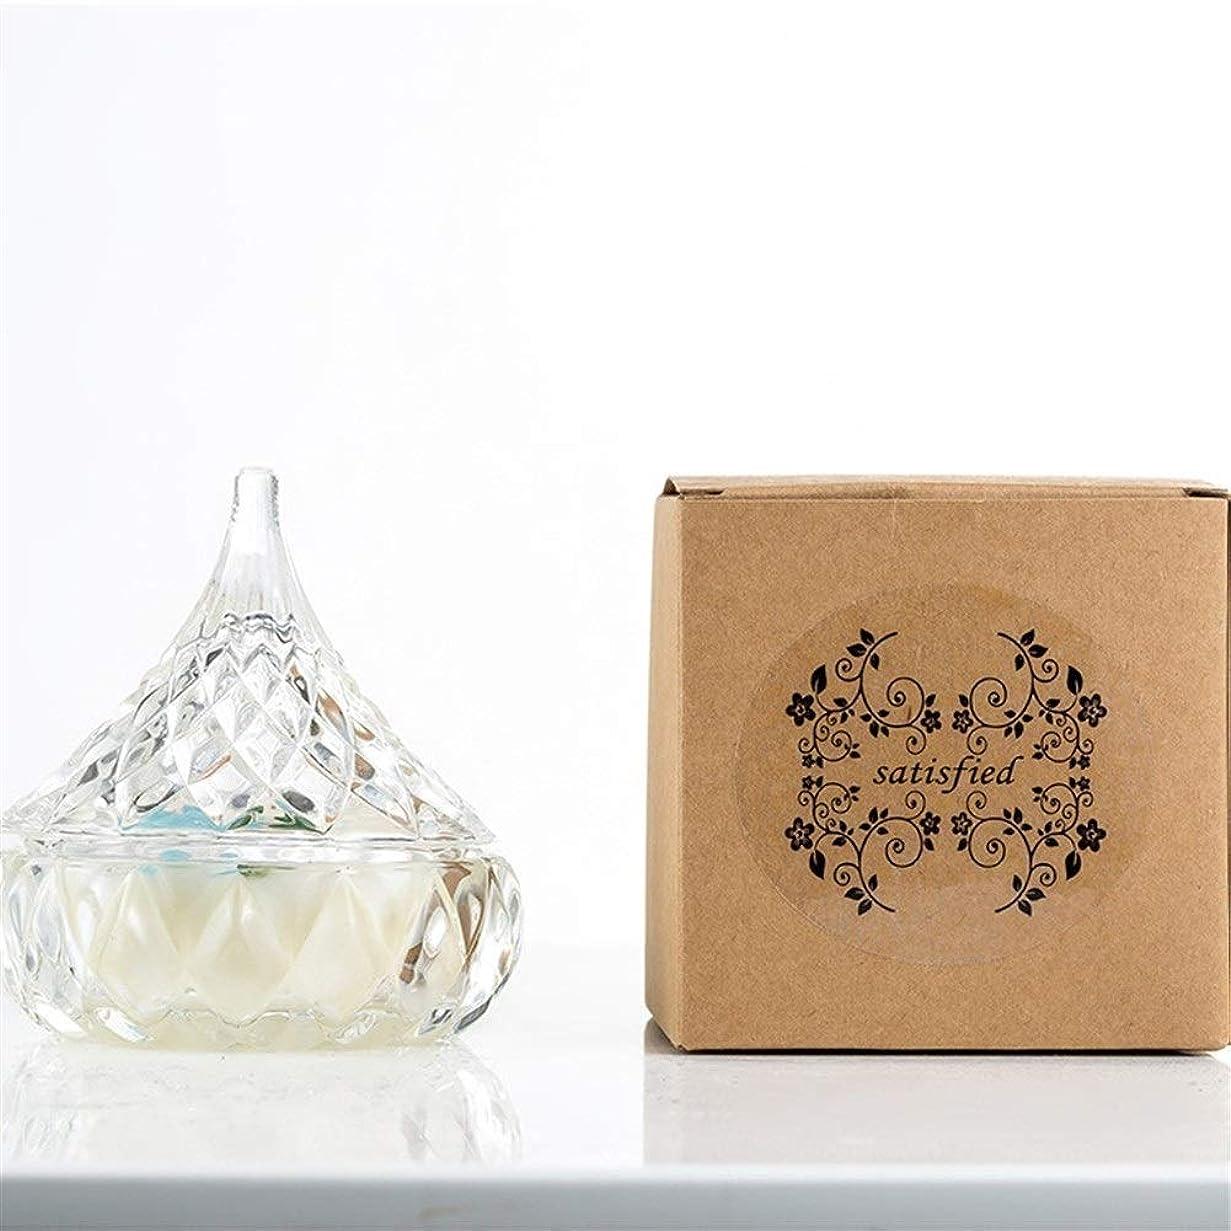 国王 シンプルパオアロマセラピーエッセンシャルオイルラスティングフレグランス環境に優しい非毒性装飾用品キャンドル (色 : Lavender)